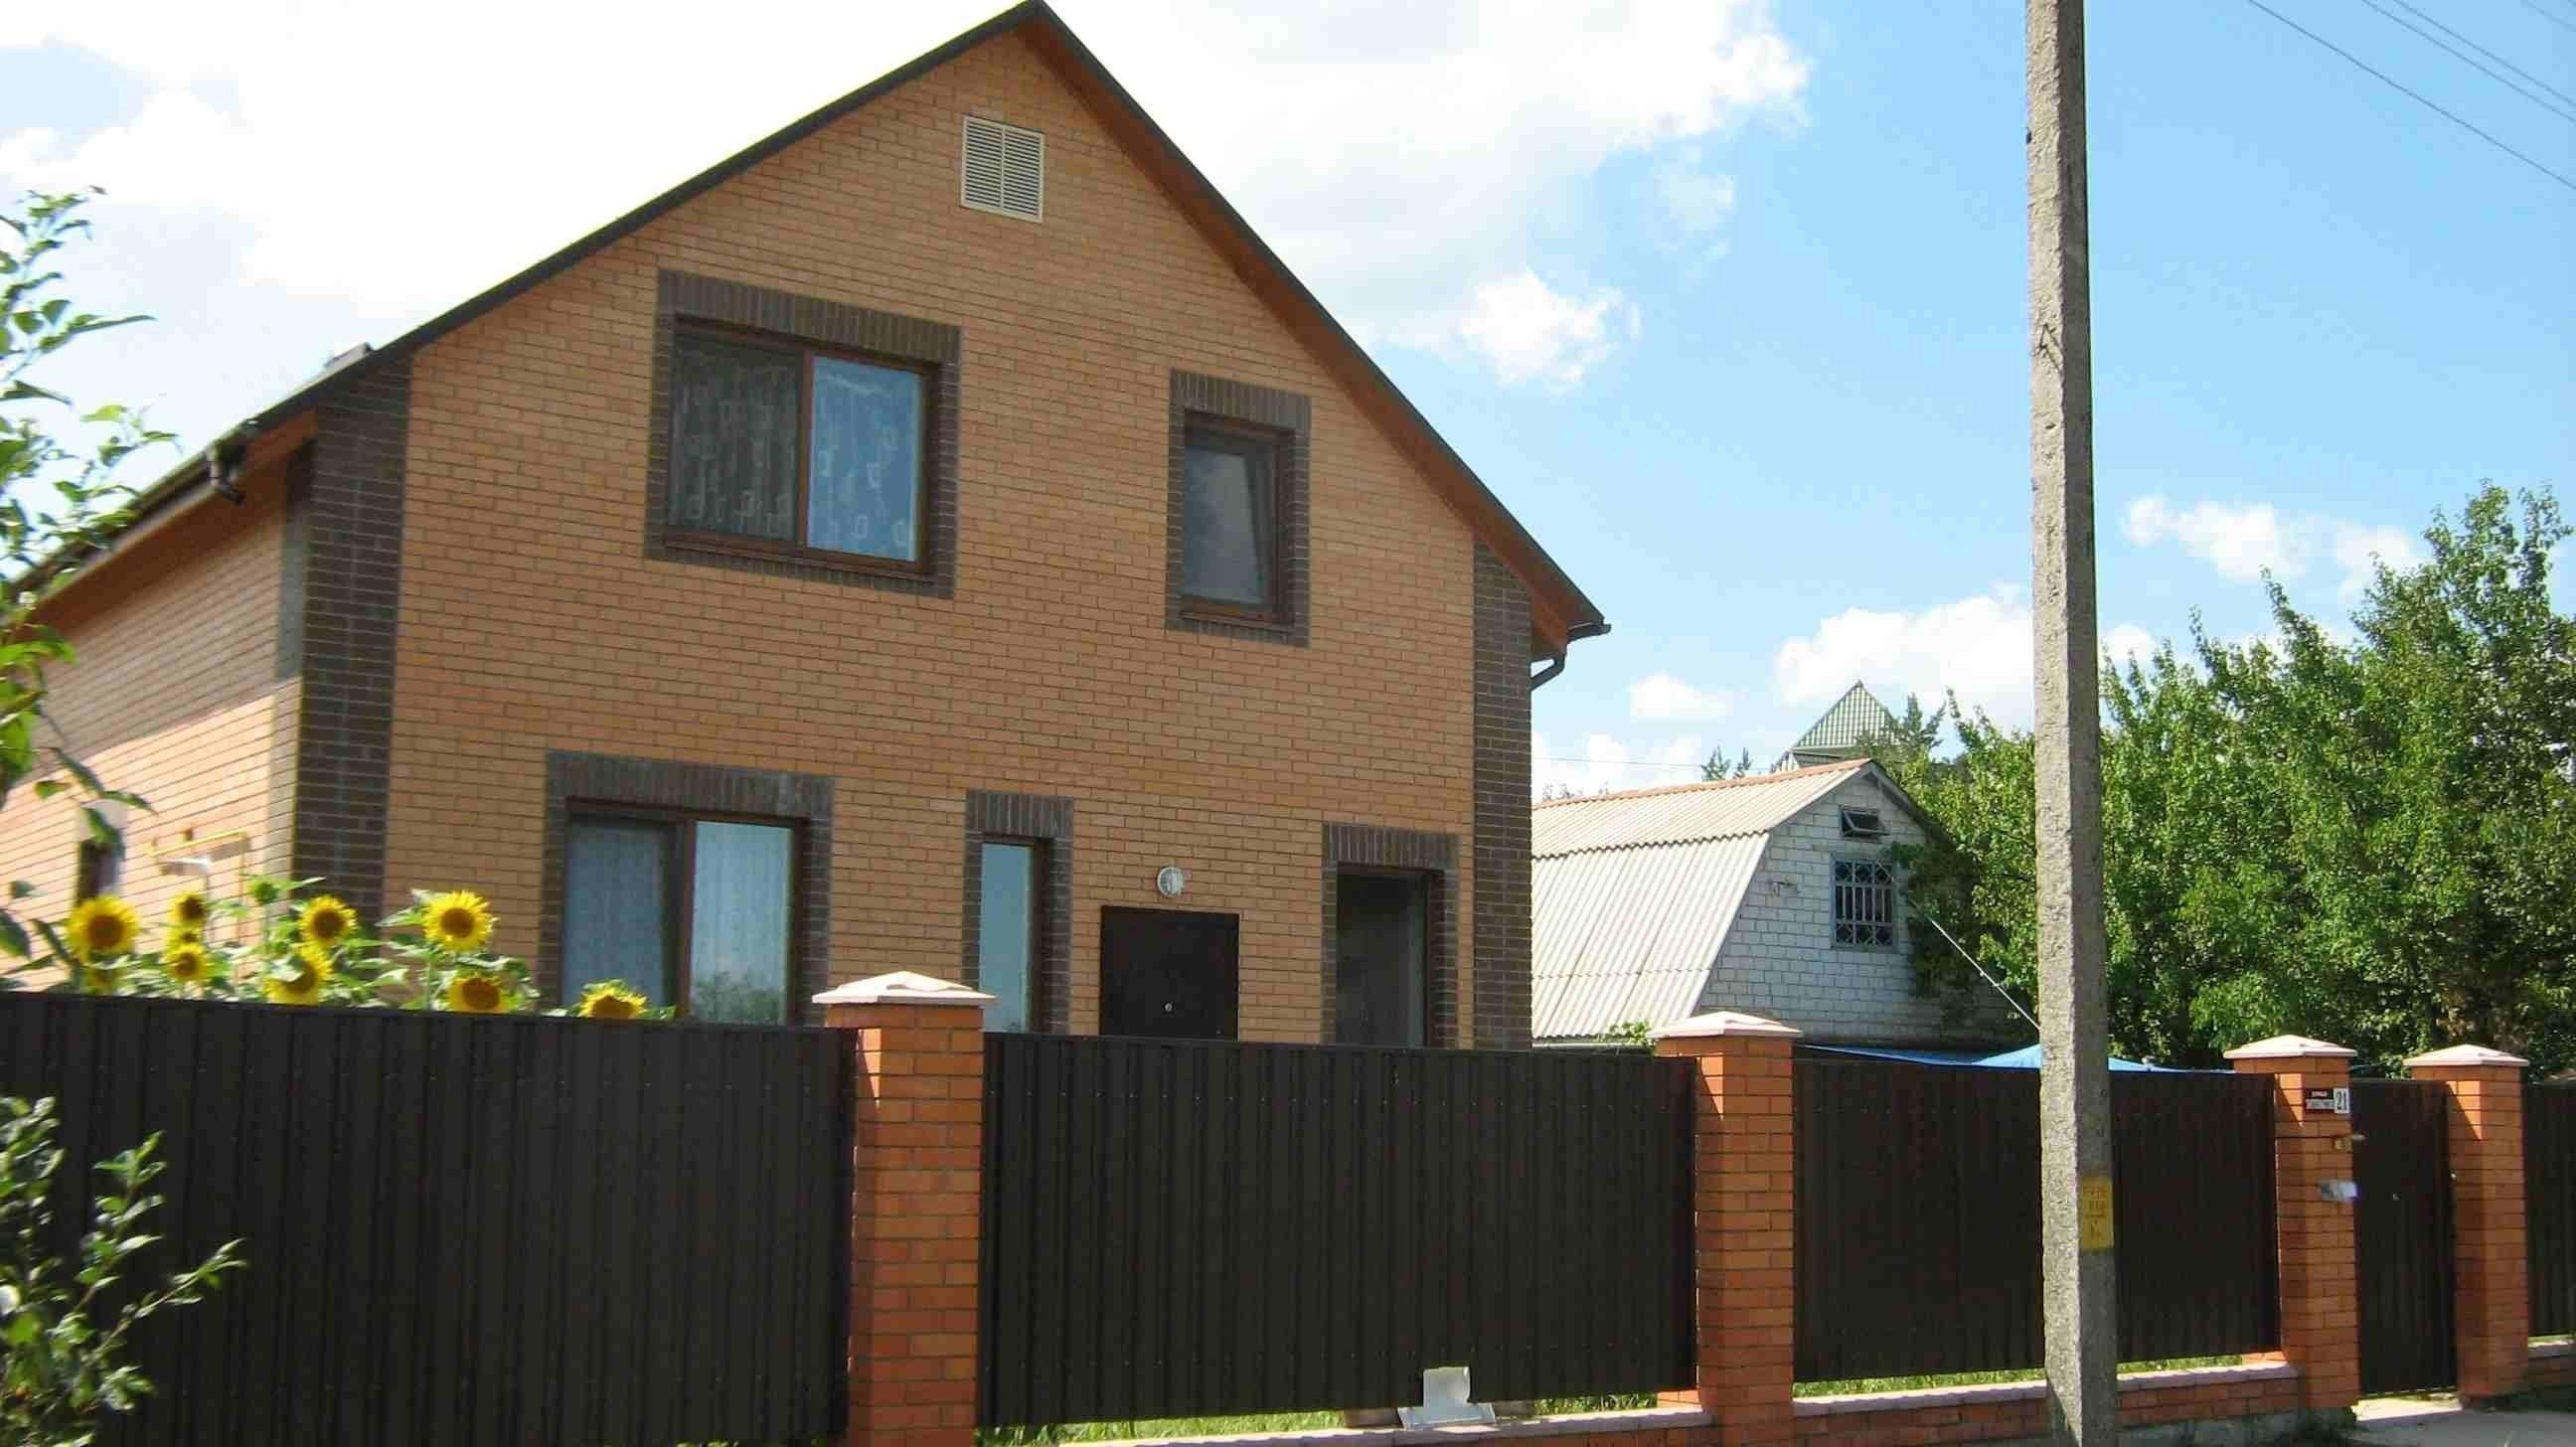 Фото: Продам дом в городе Барышевка. Объявление № 3900